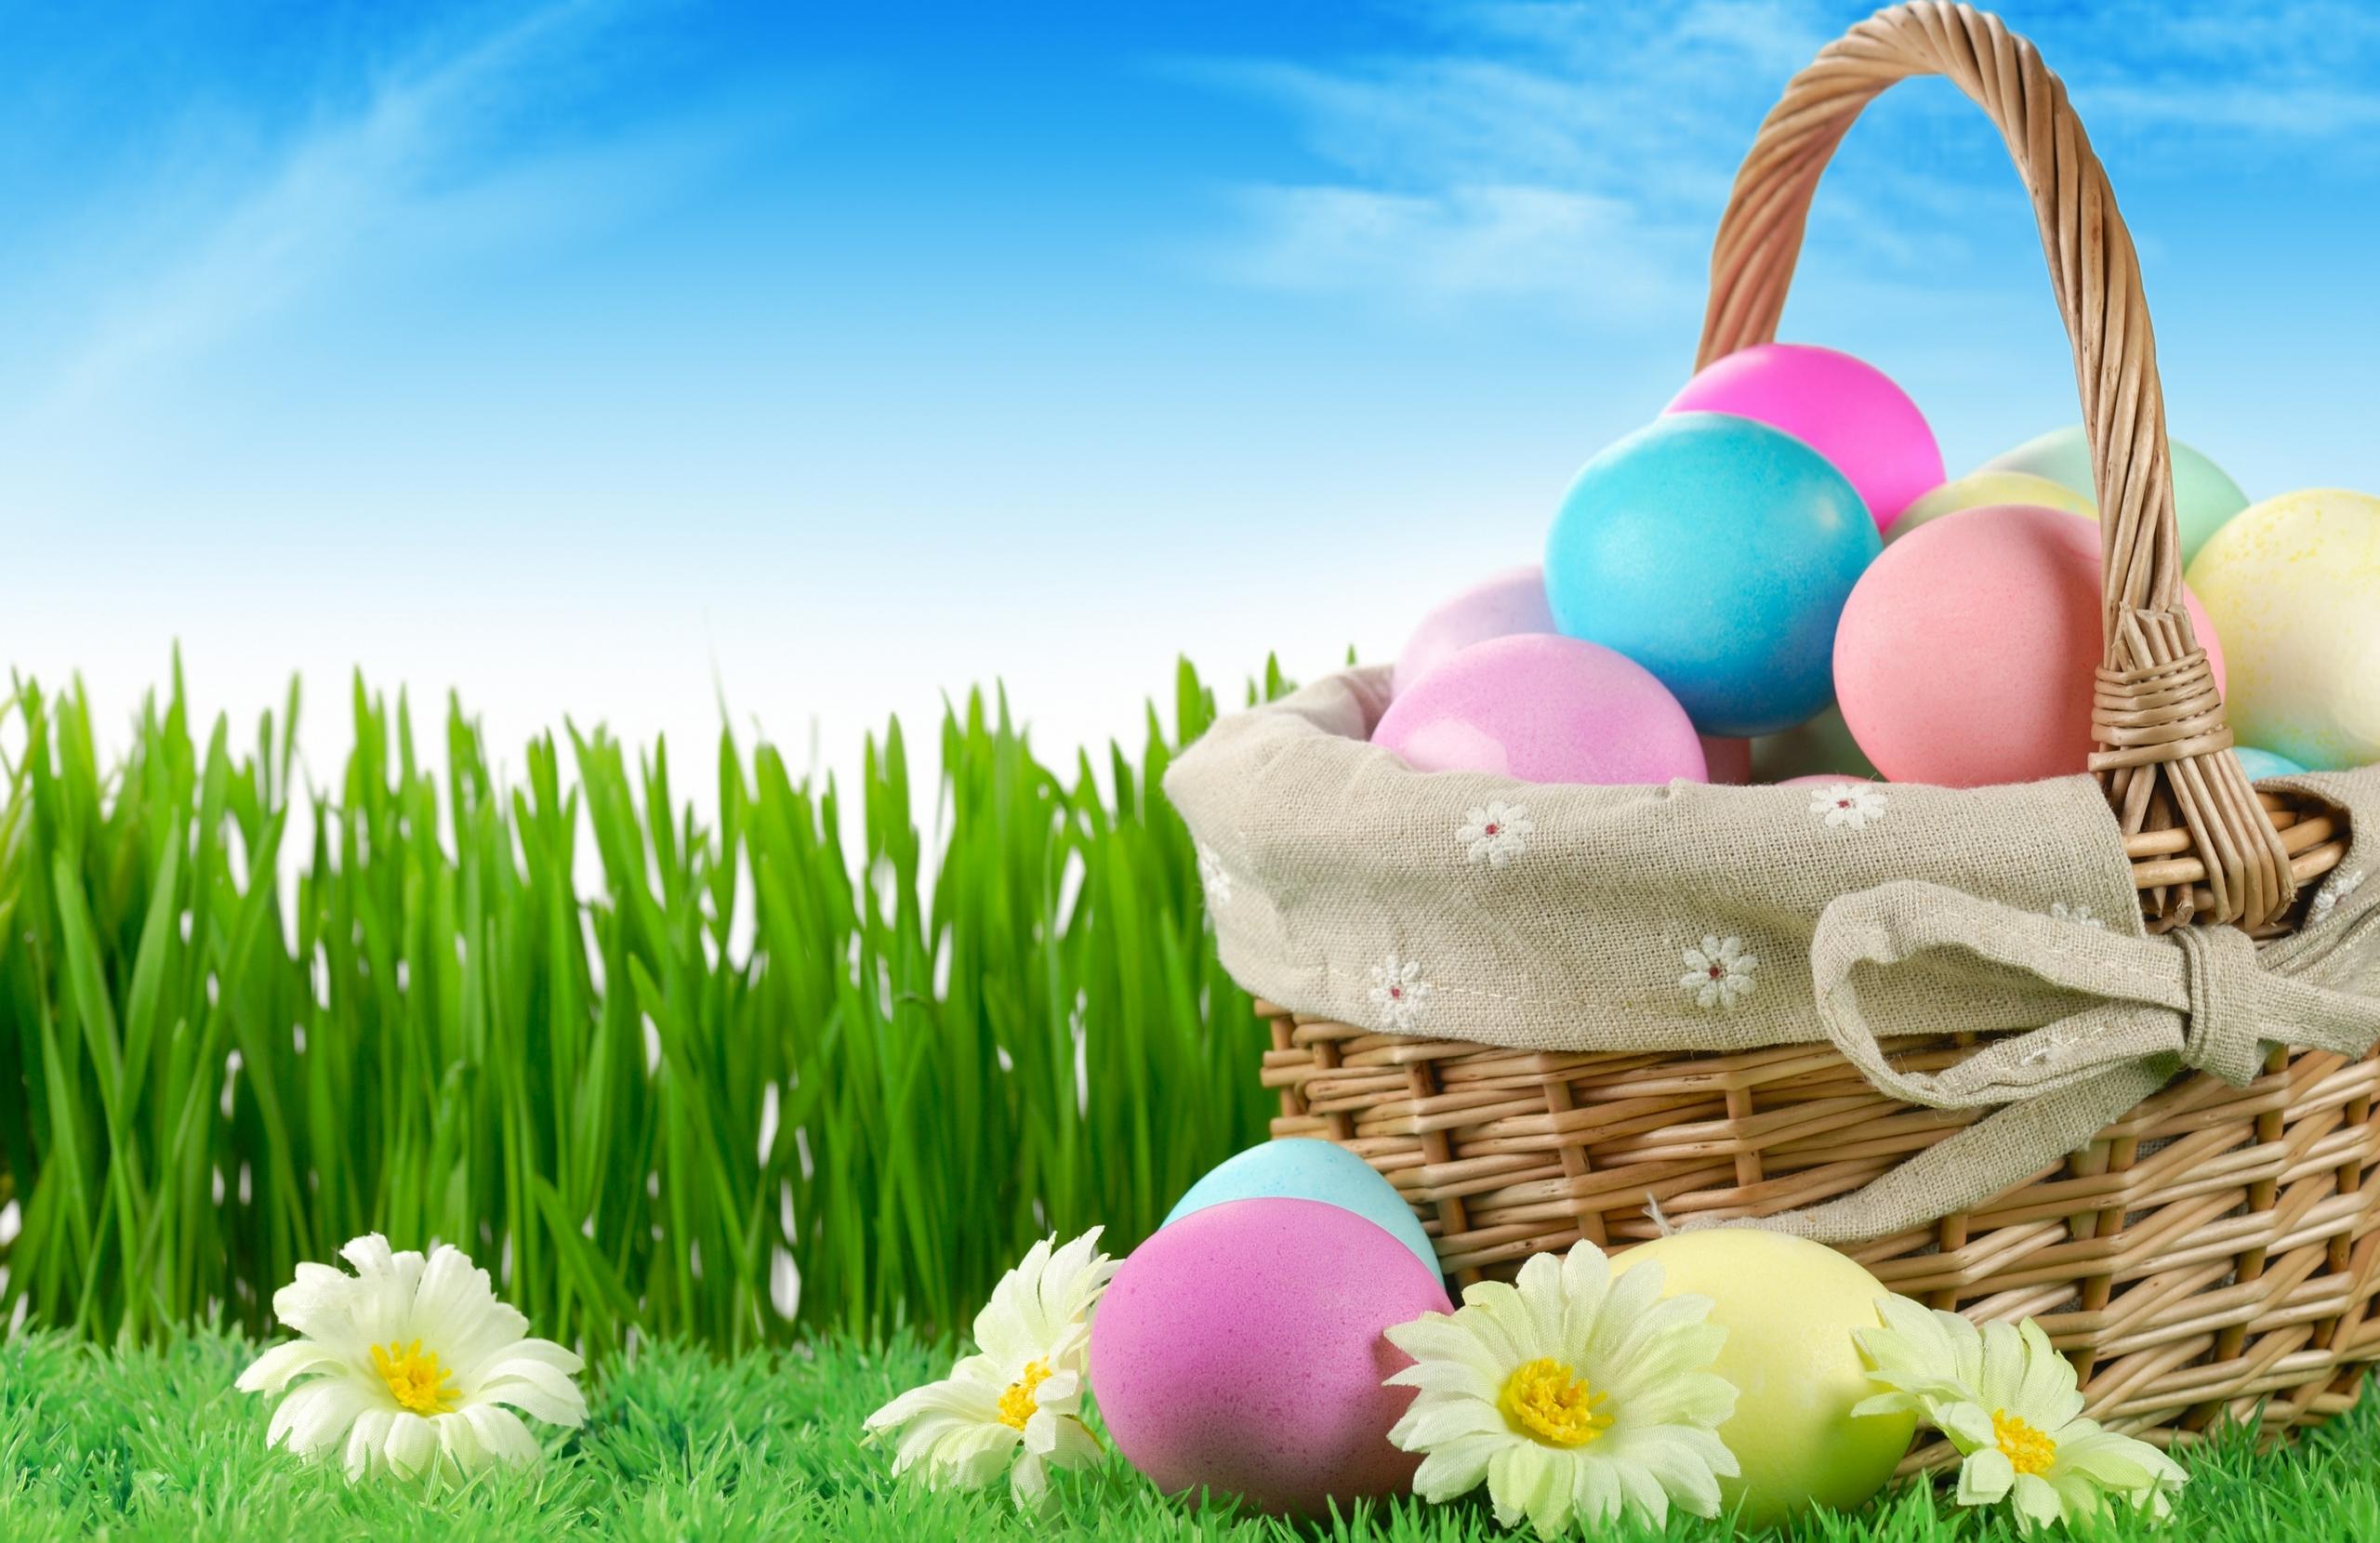 Easter Basket Desktop Wallpaper